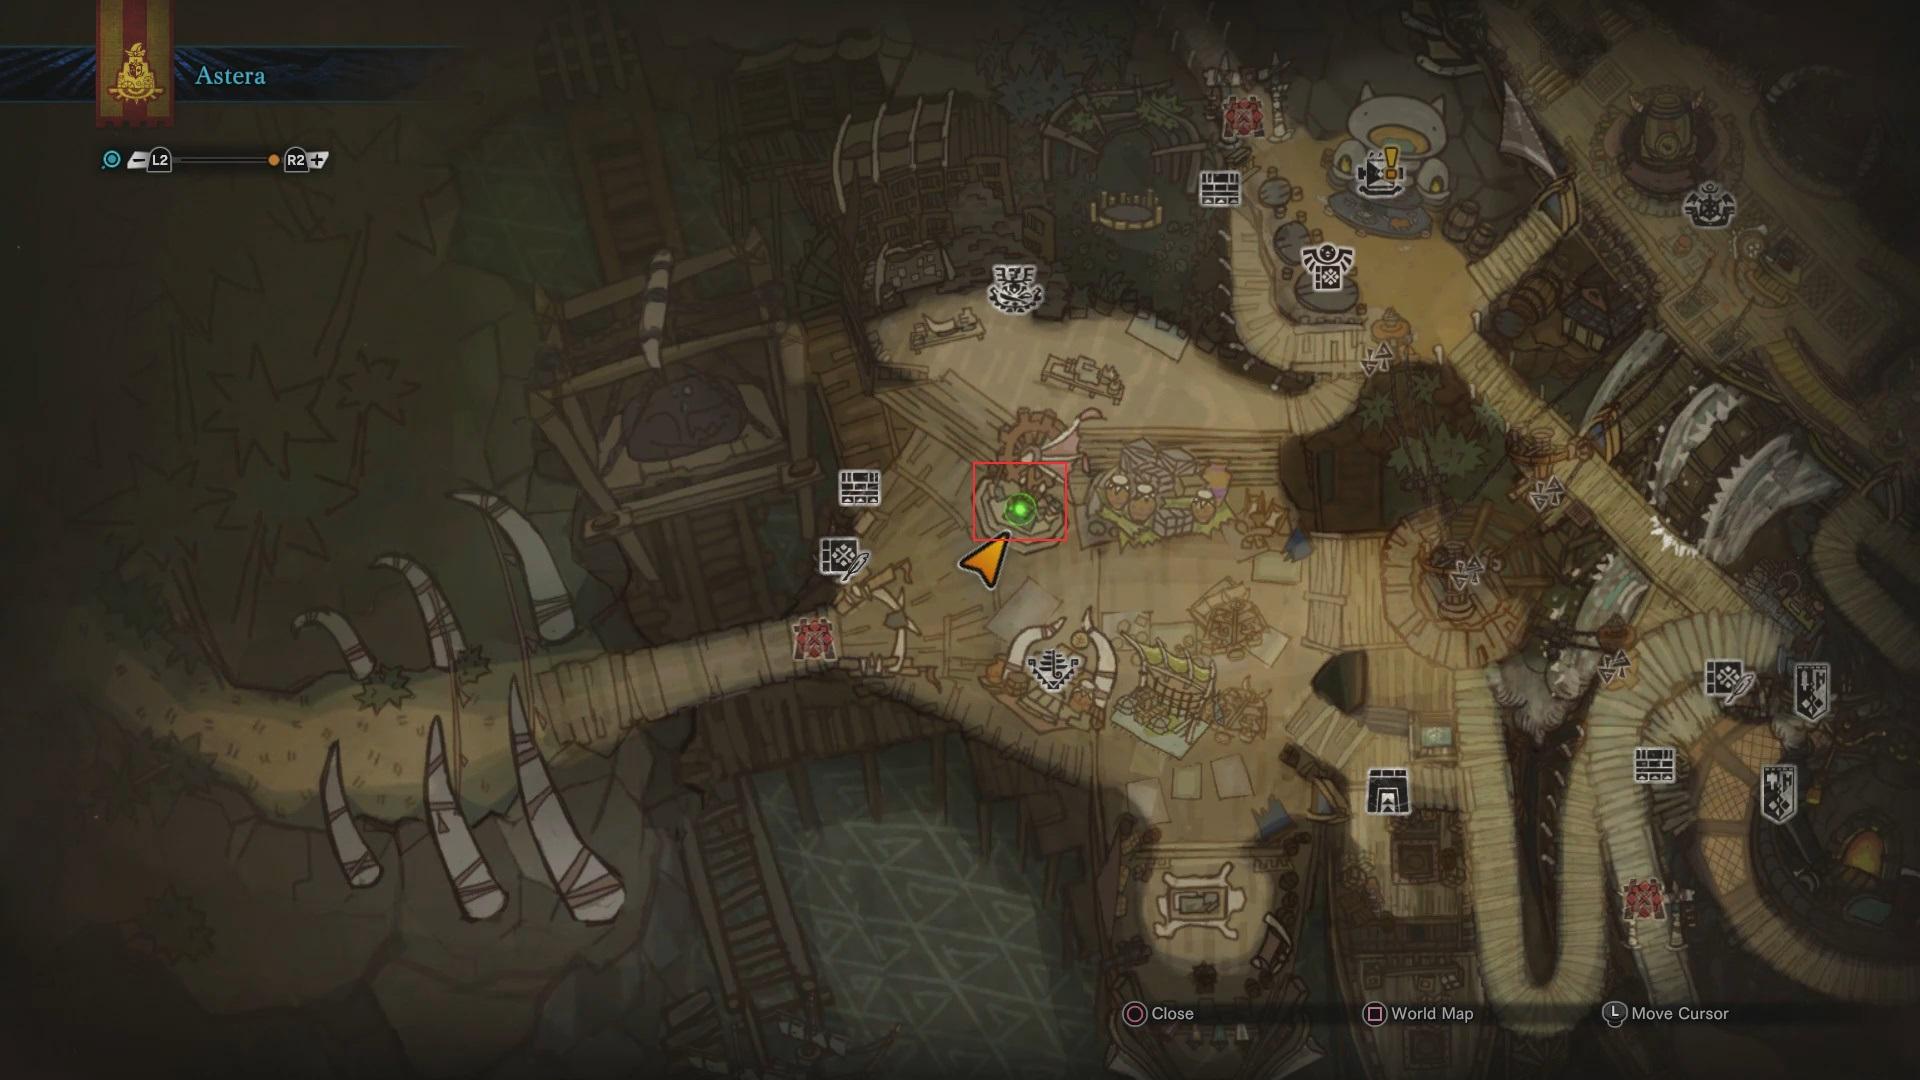 Monster Hunter World, Sony PlayStation 4, Map, Astera